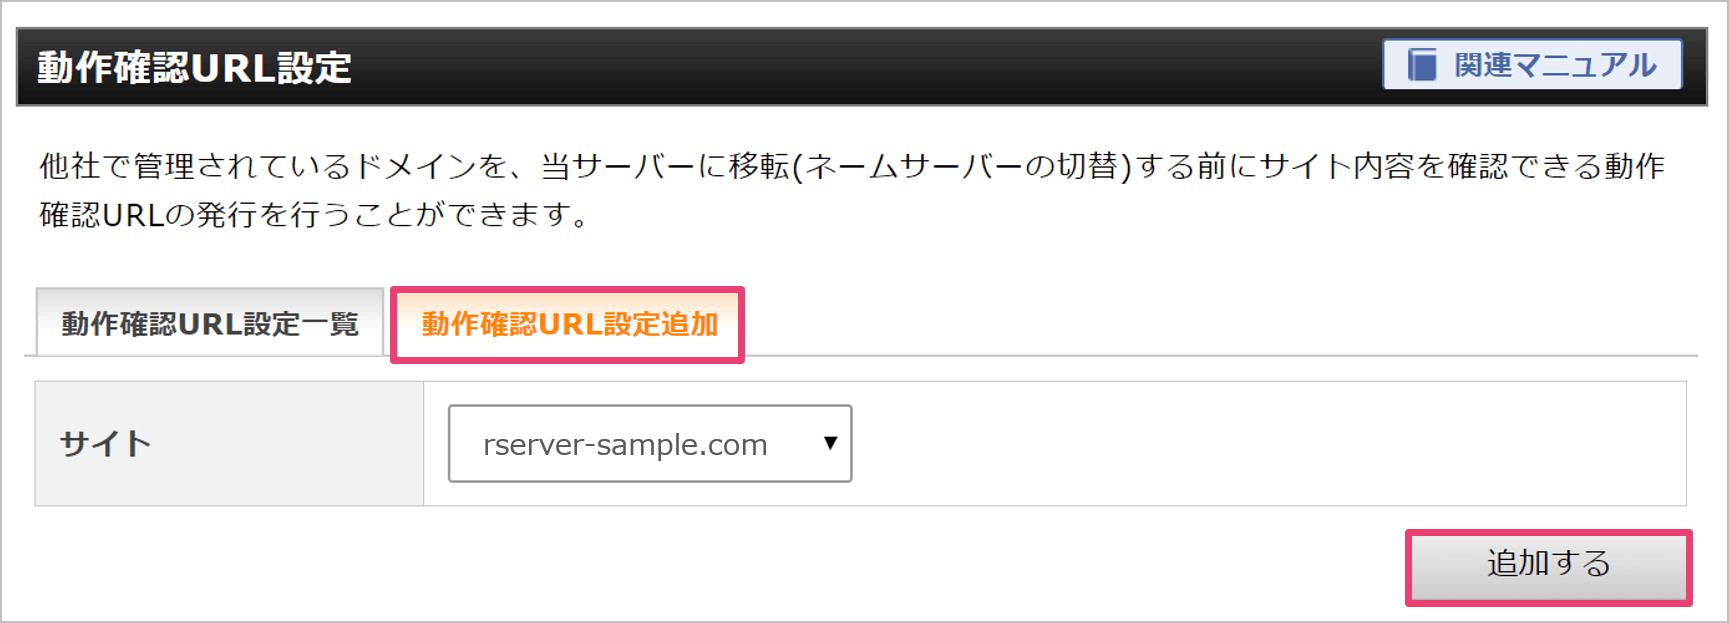 サーバーパネルの動作確認URL設定画面